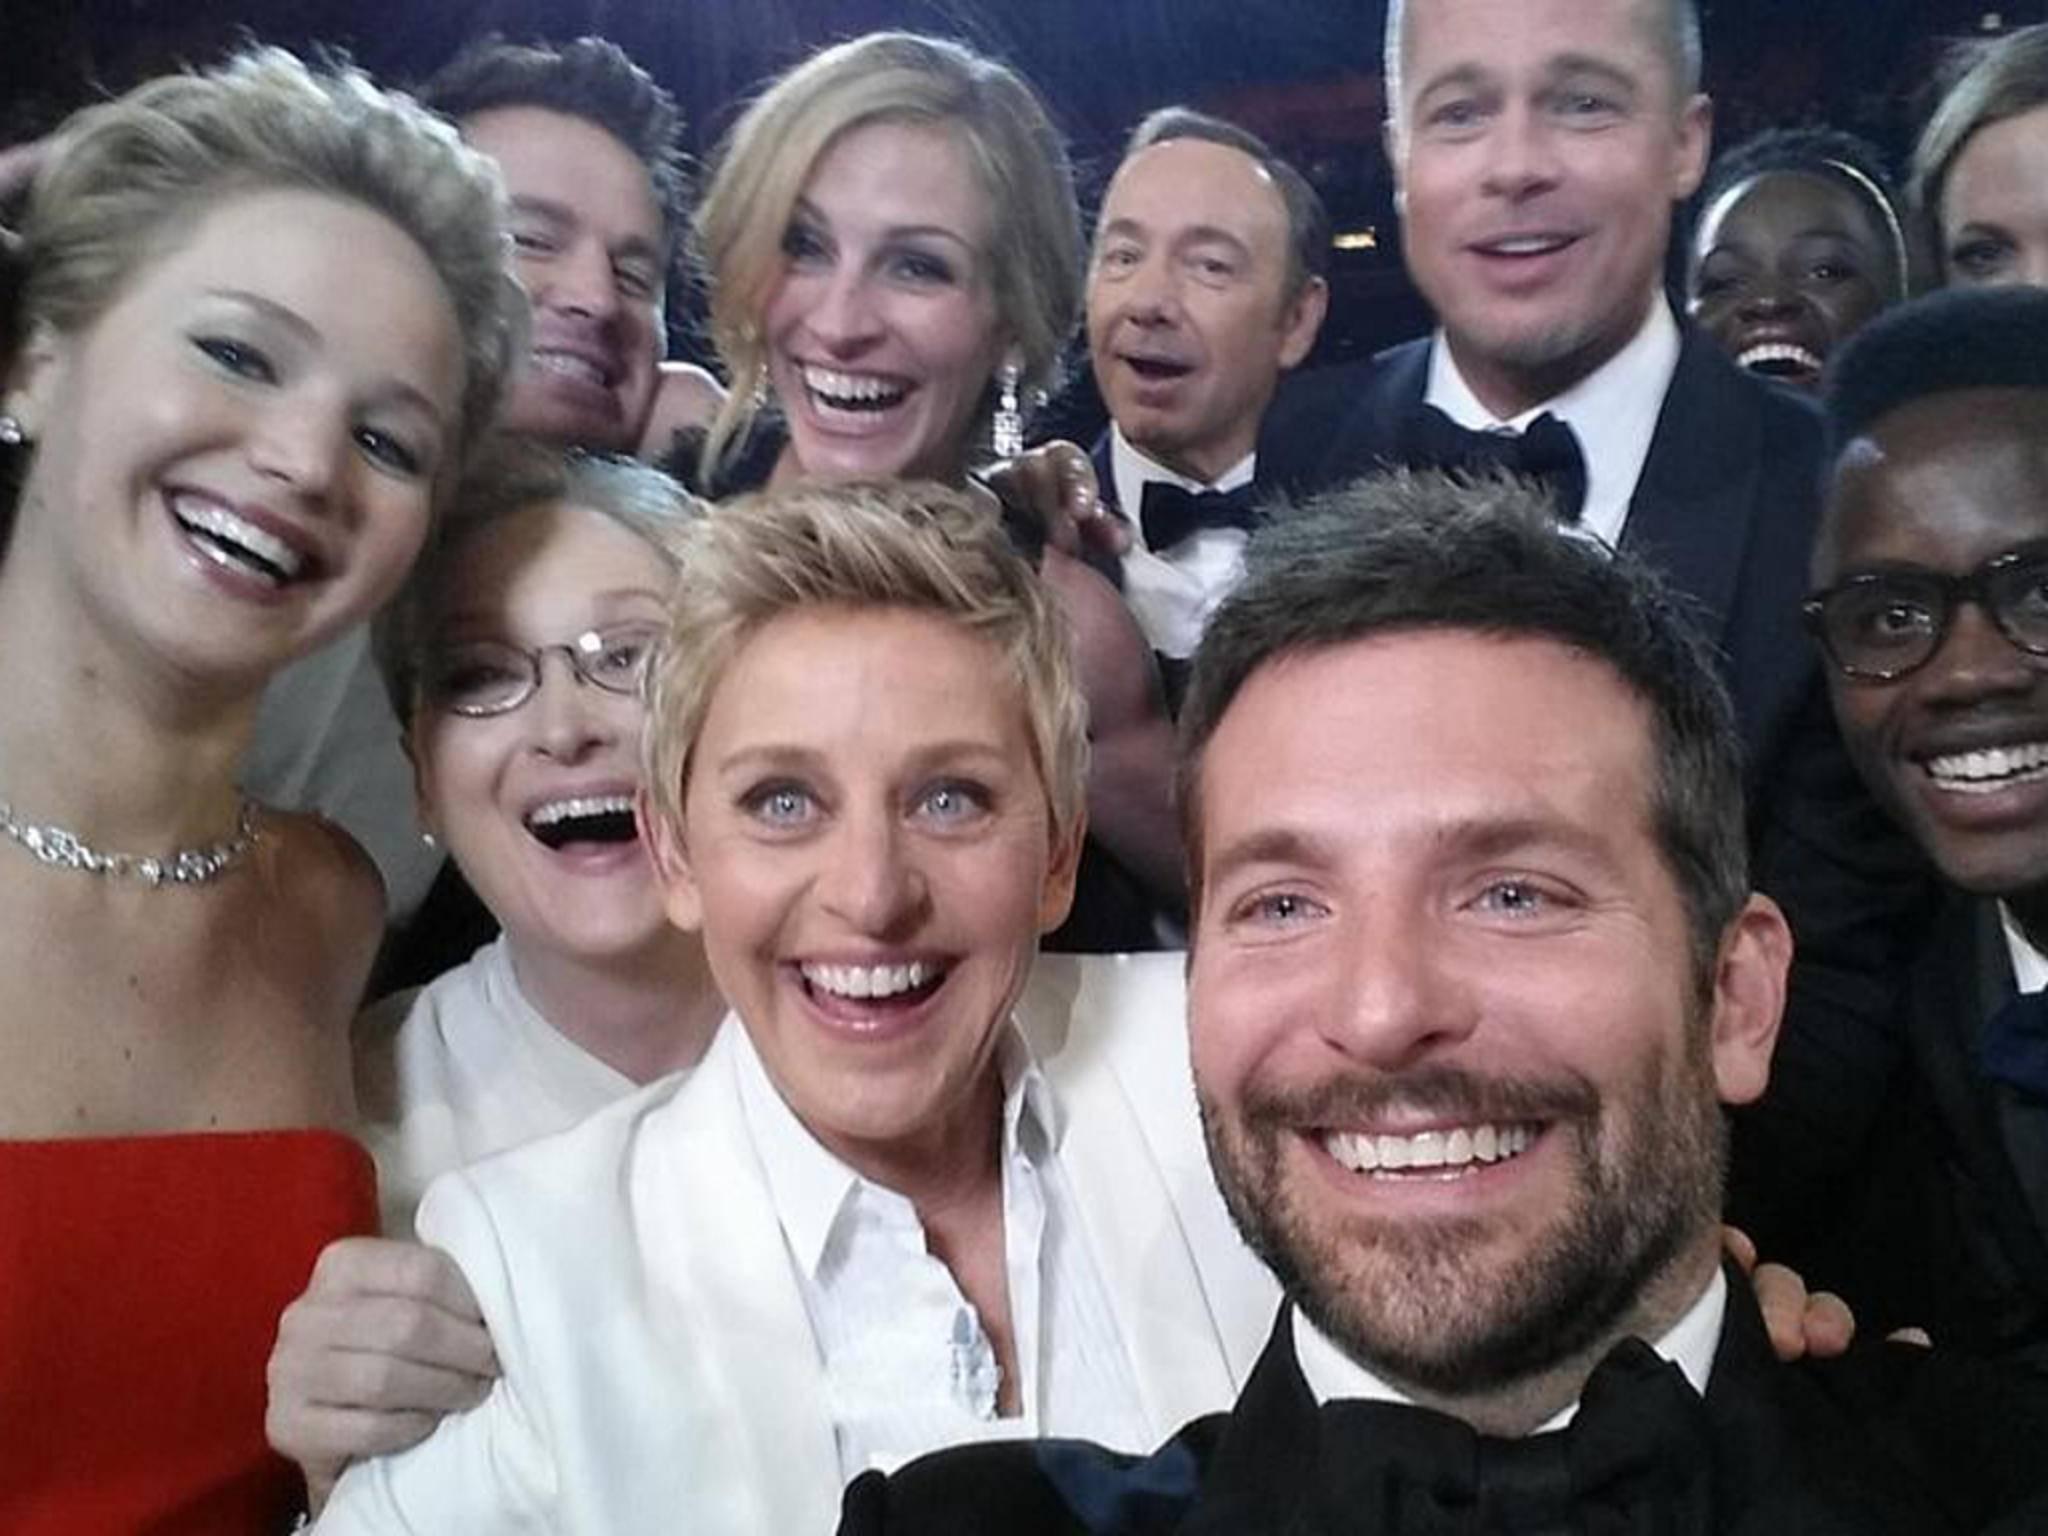 Das berühmte Oscar-Foto: Mit Selfie-Apps kann jeder zum Star werden.